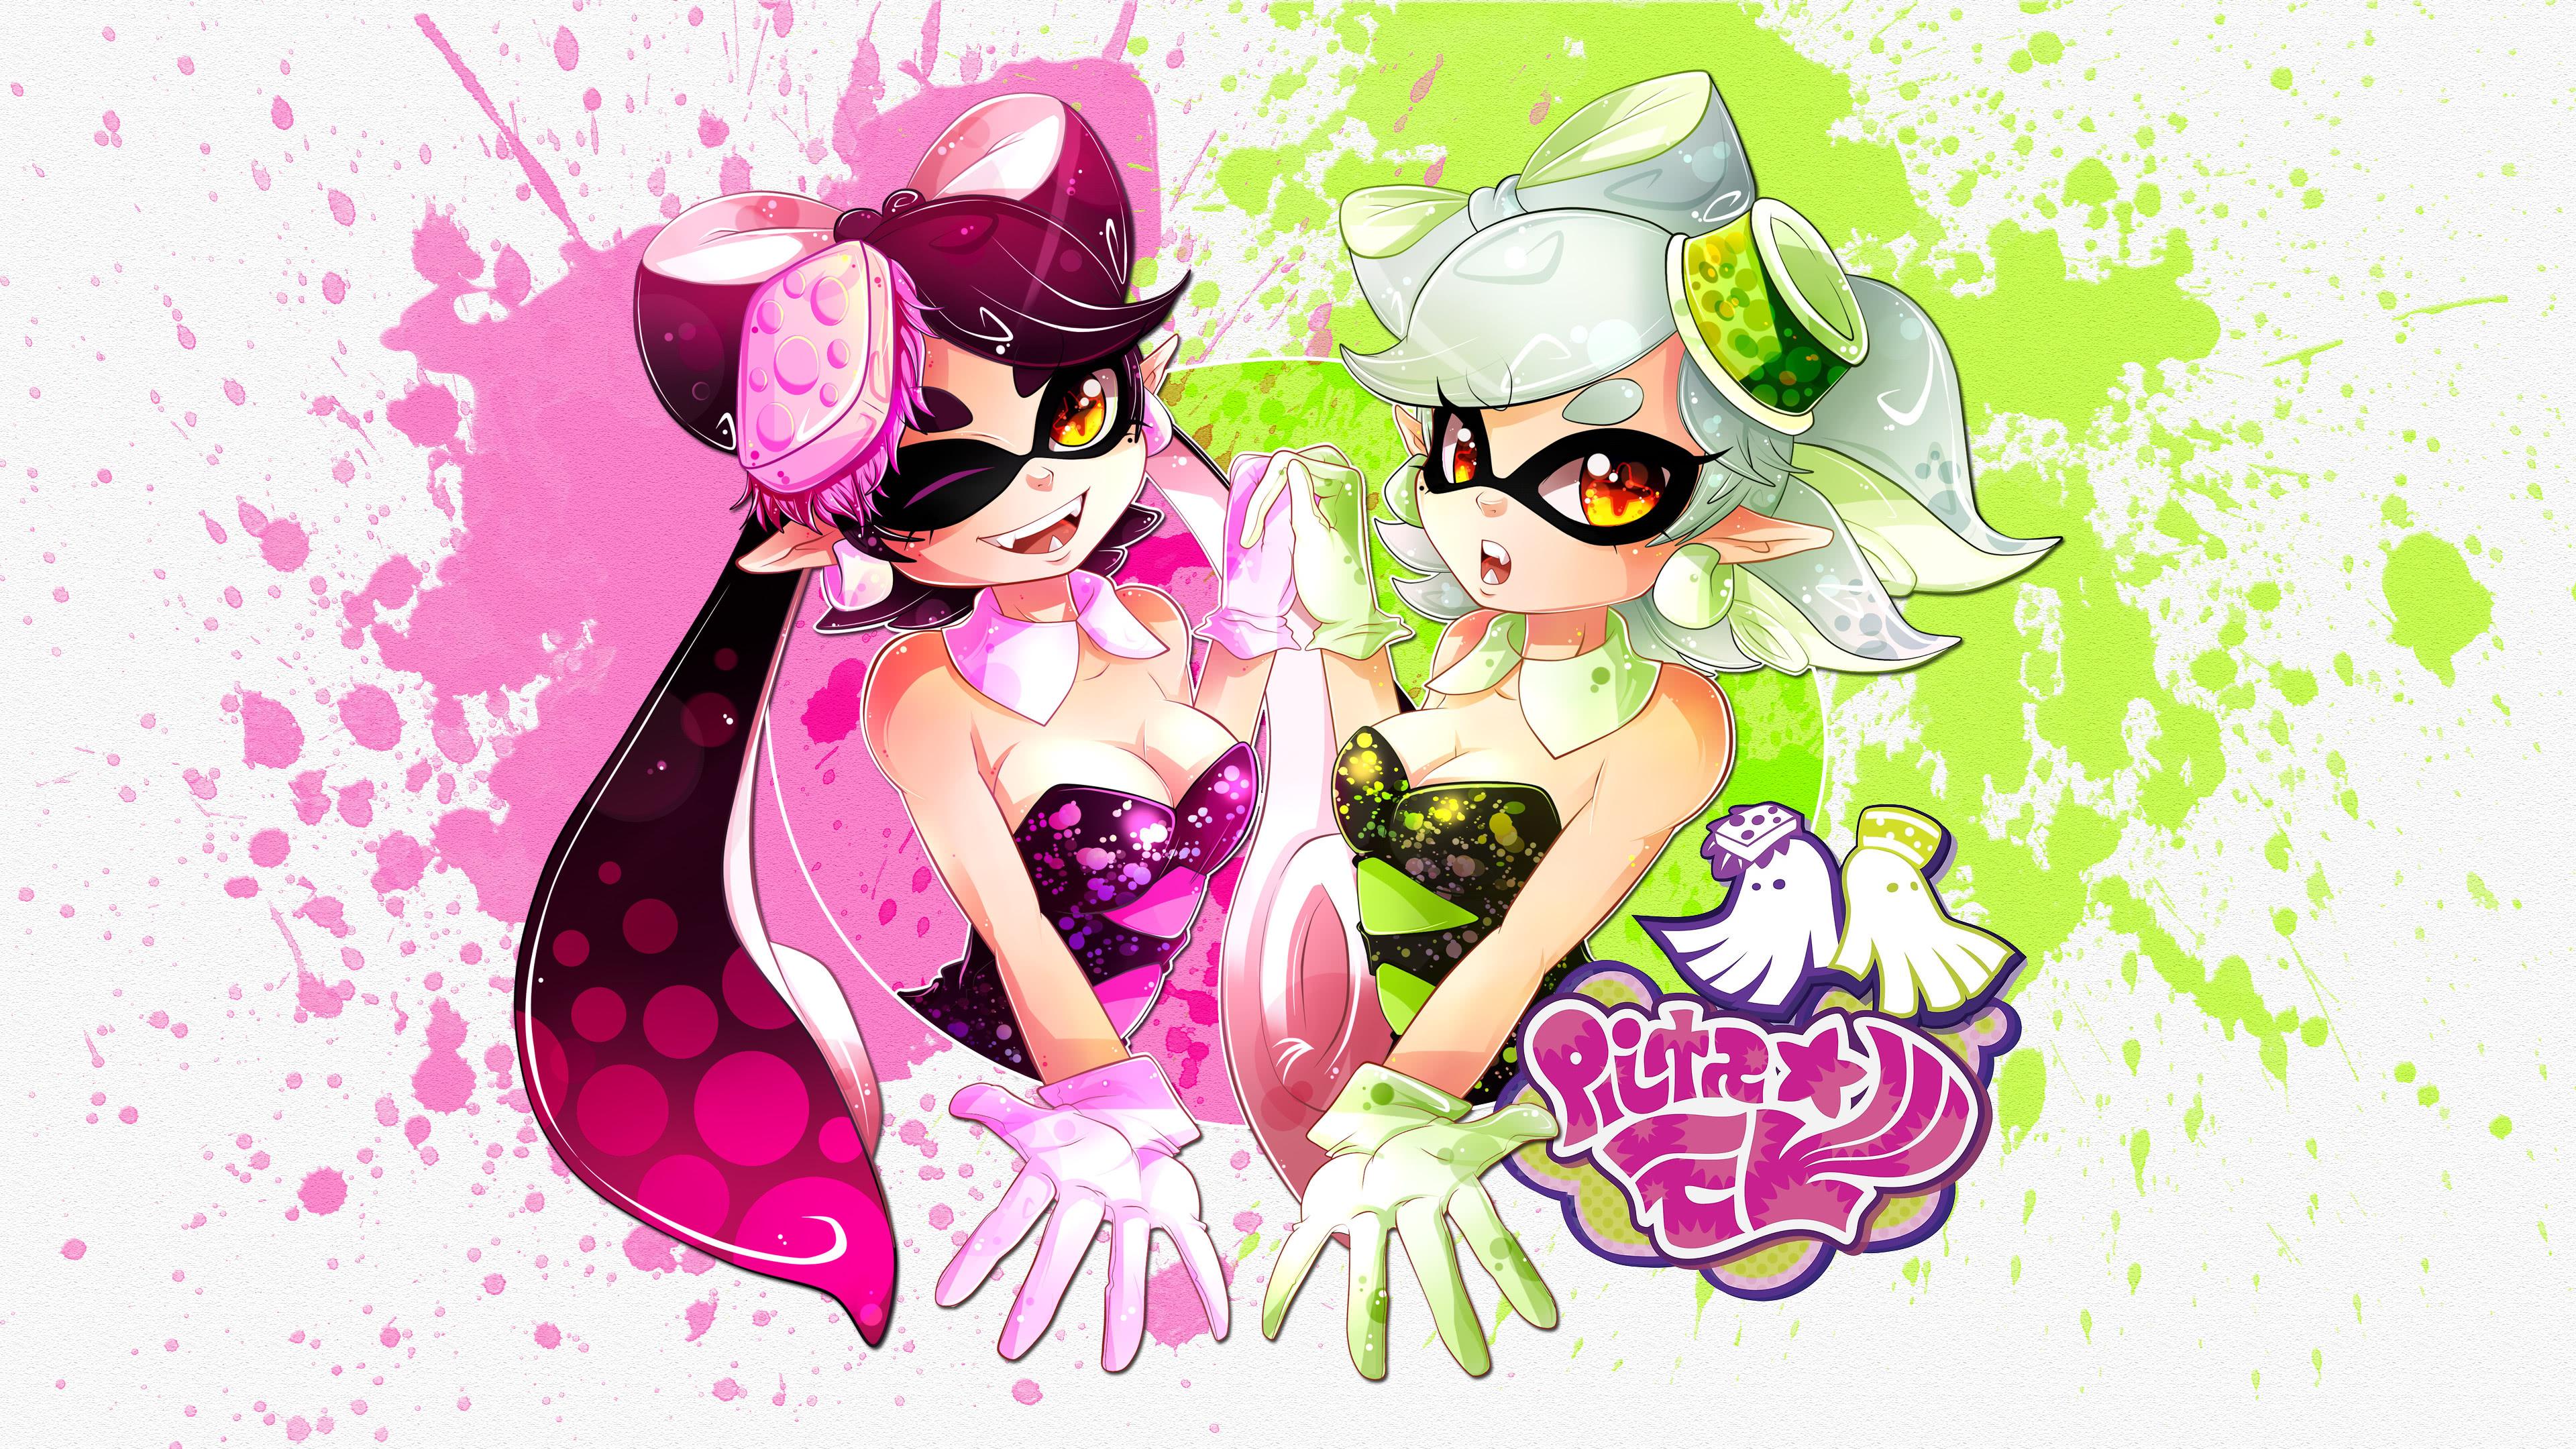 splatoon squid sisters uhd 4k wallpaper